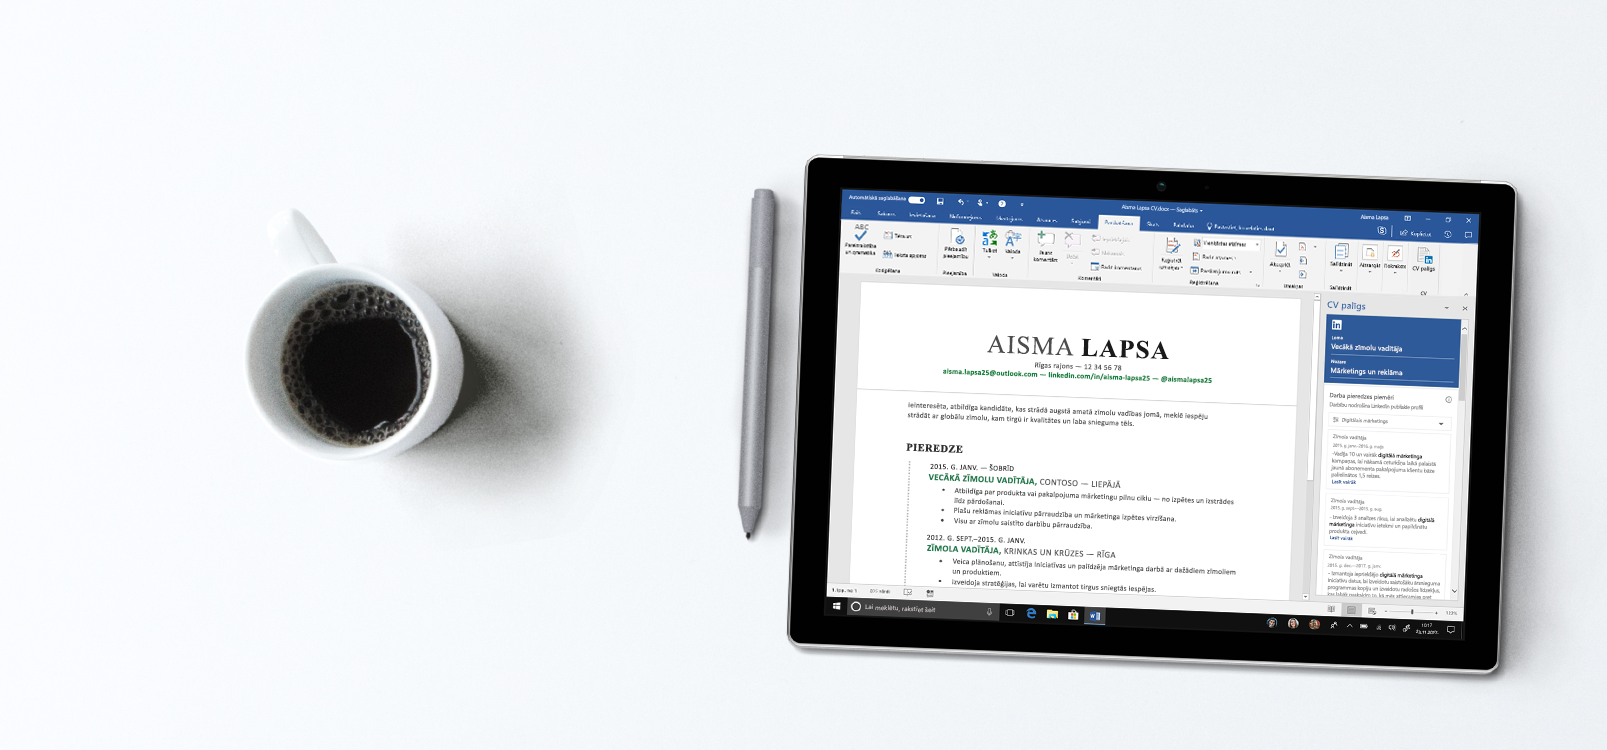 Planšetdatora ekrāns, kurā redzama programma Word ar CV palīga joslu labajā pusē un CV piemēriem